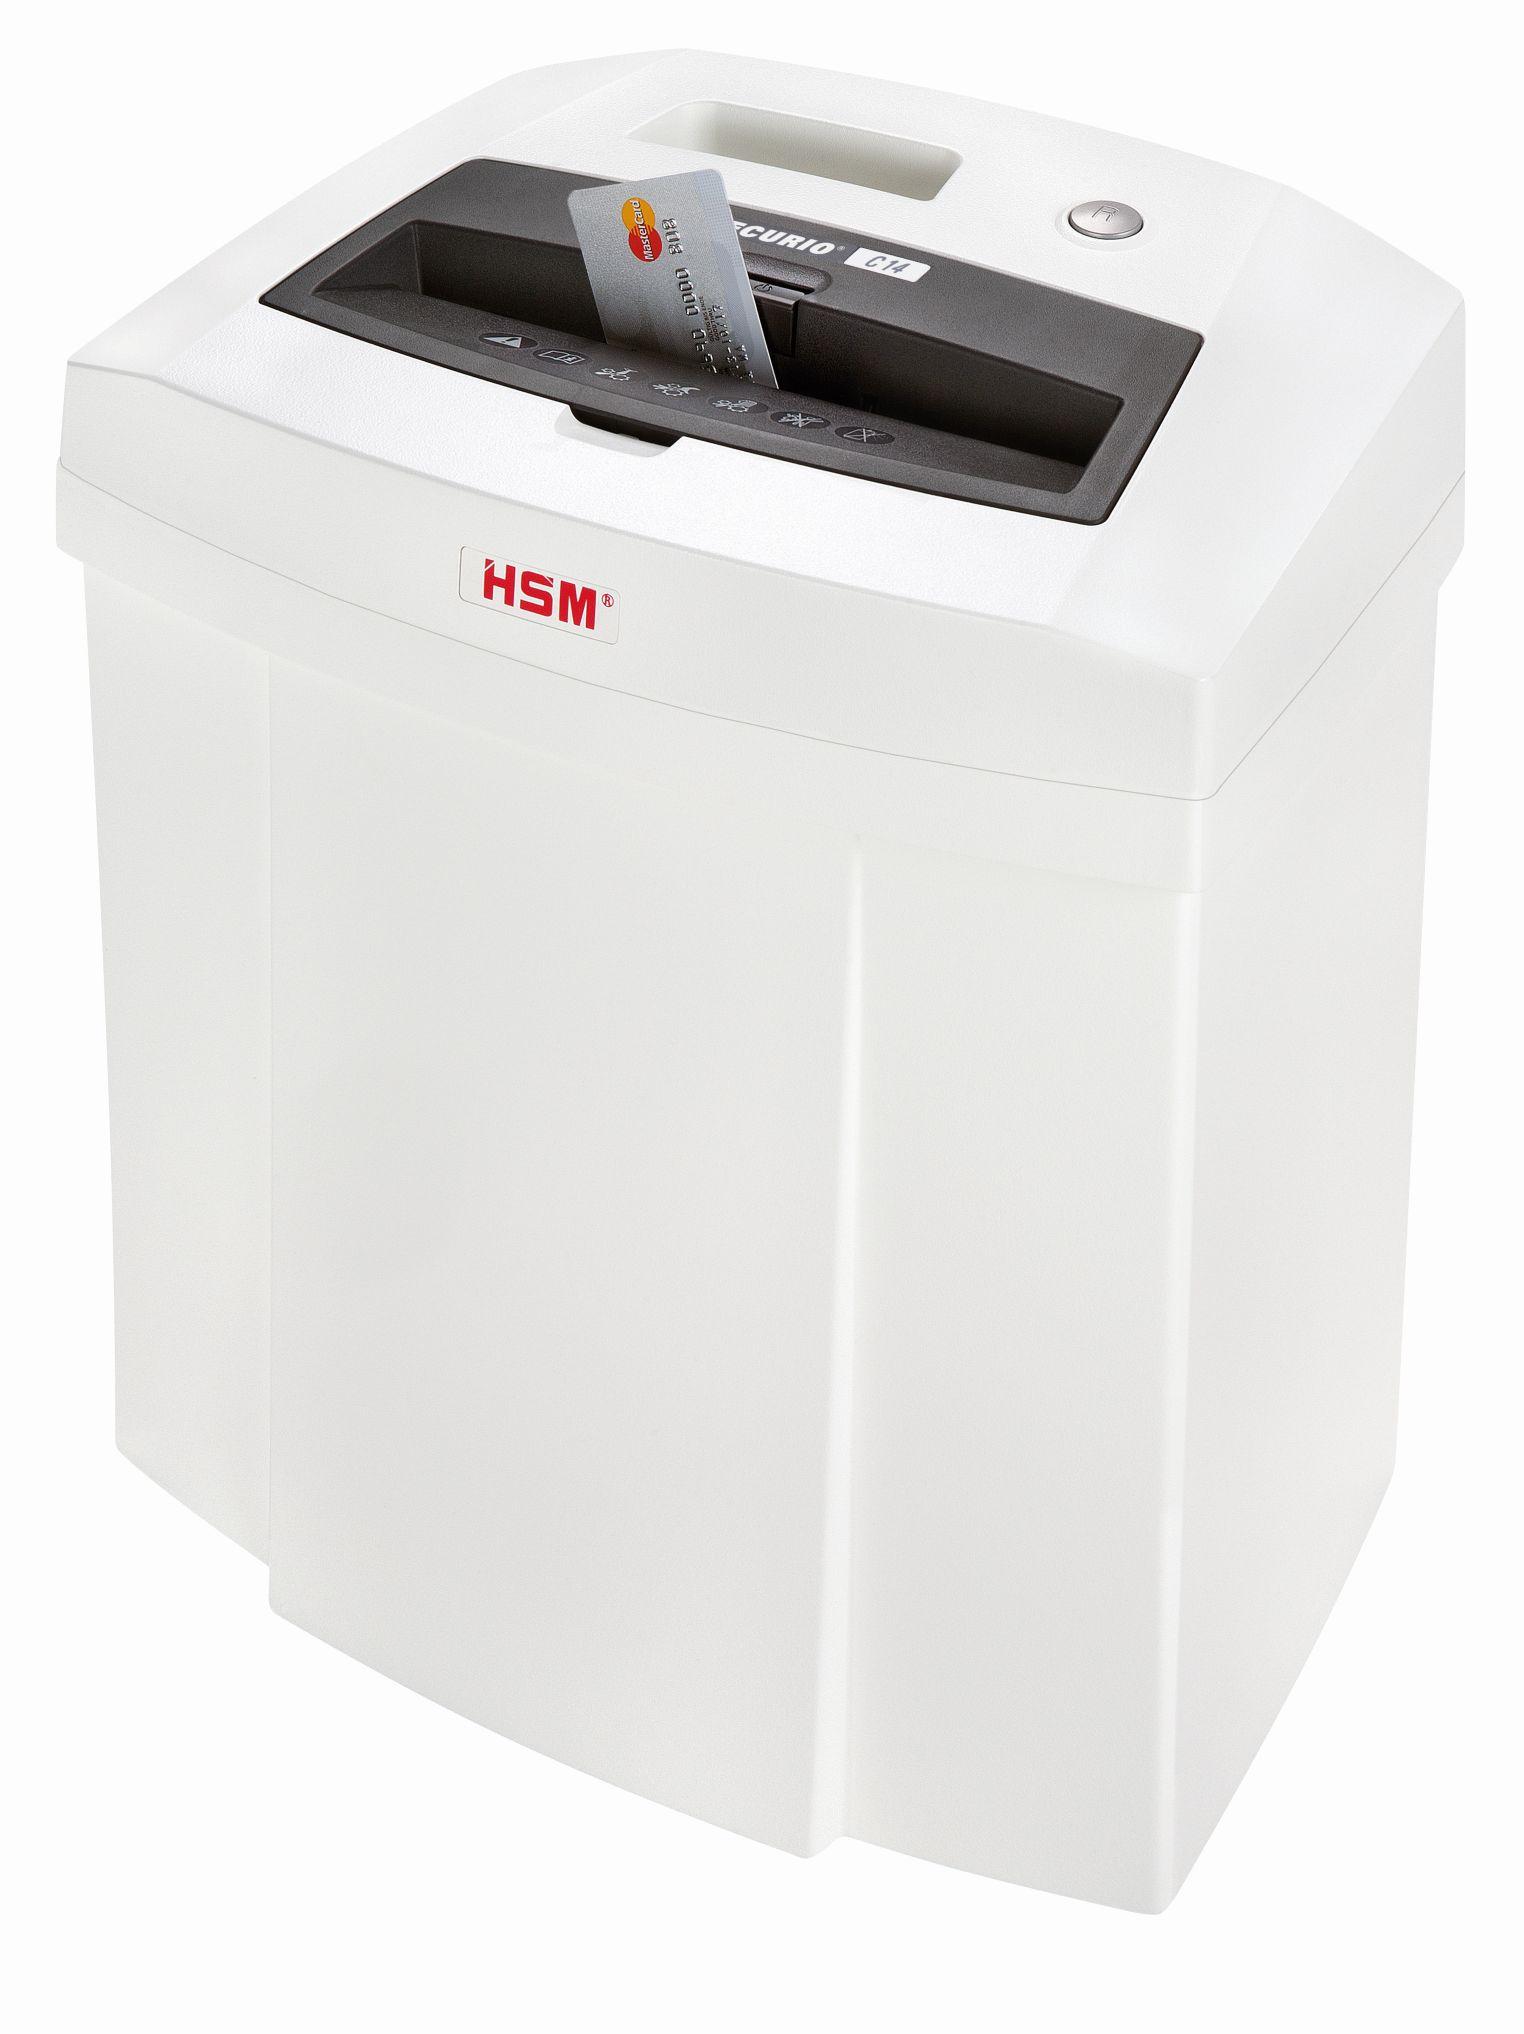 HSM-SECURIO-C14-P5-JPG